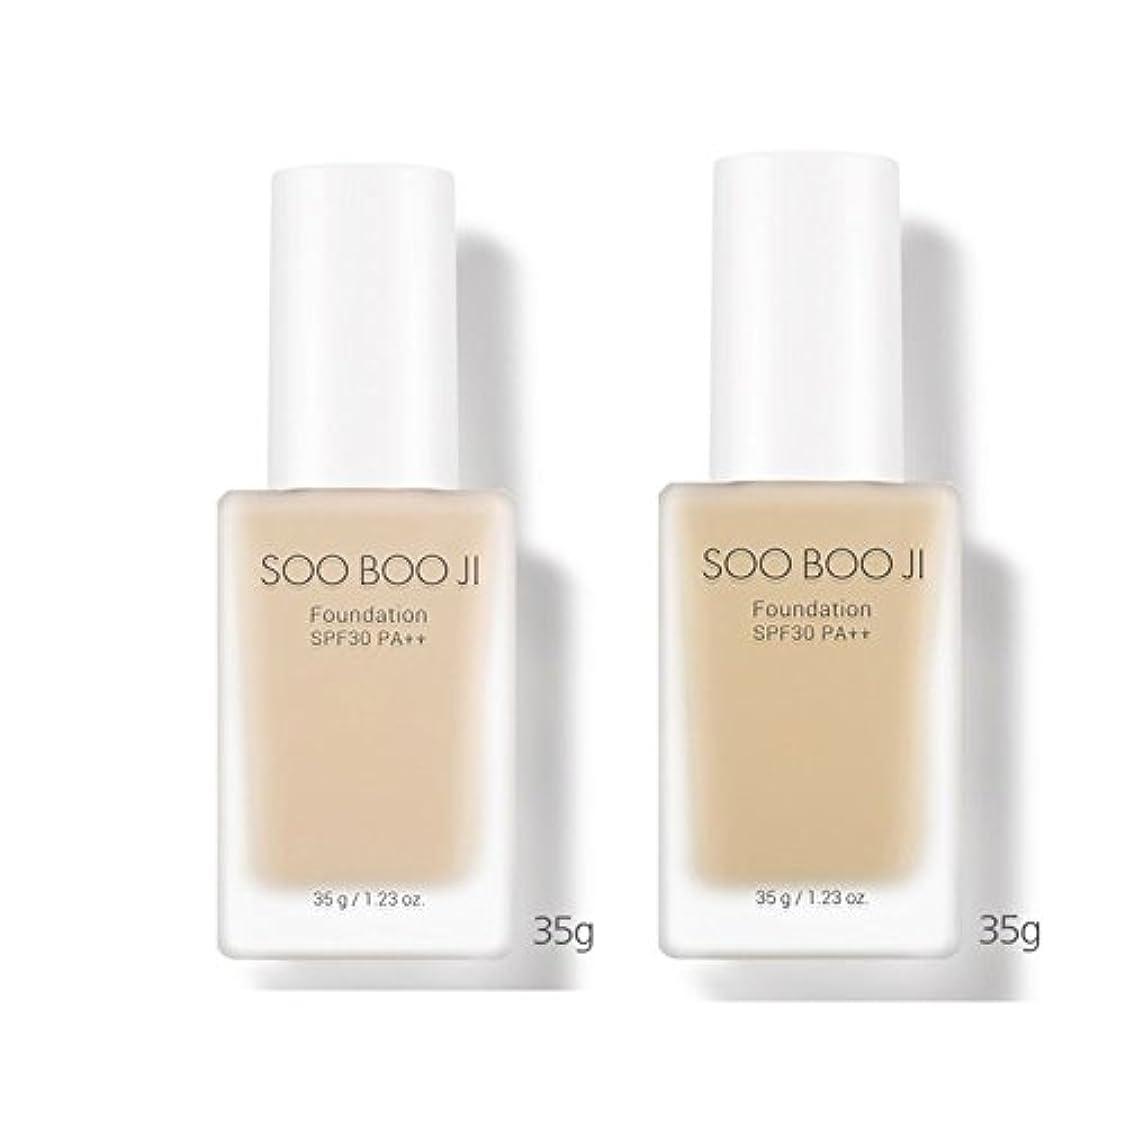 努力する記念品不透明なA'PIEU Soo Boo Jiファンデーション(SPF30 / PA++)35g x 2本セット2カラー(21号、23号)、A'PIEU Soo Boo Ji Foundation (SPF30 / PA++) 35g...